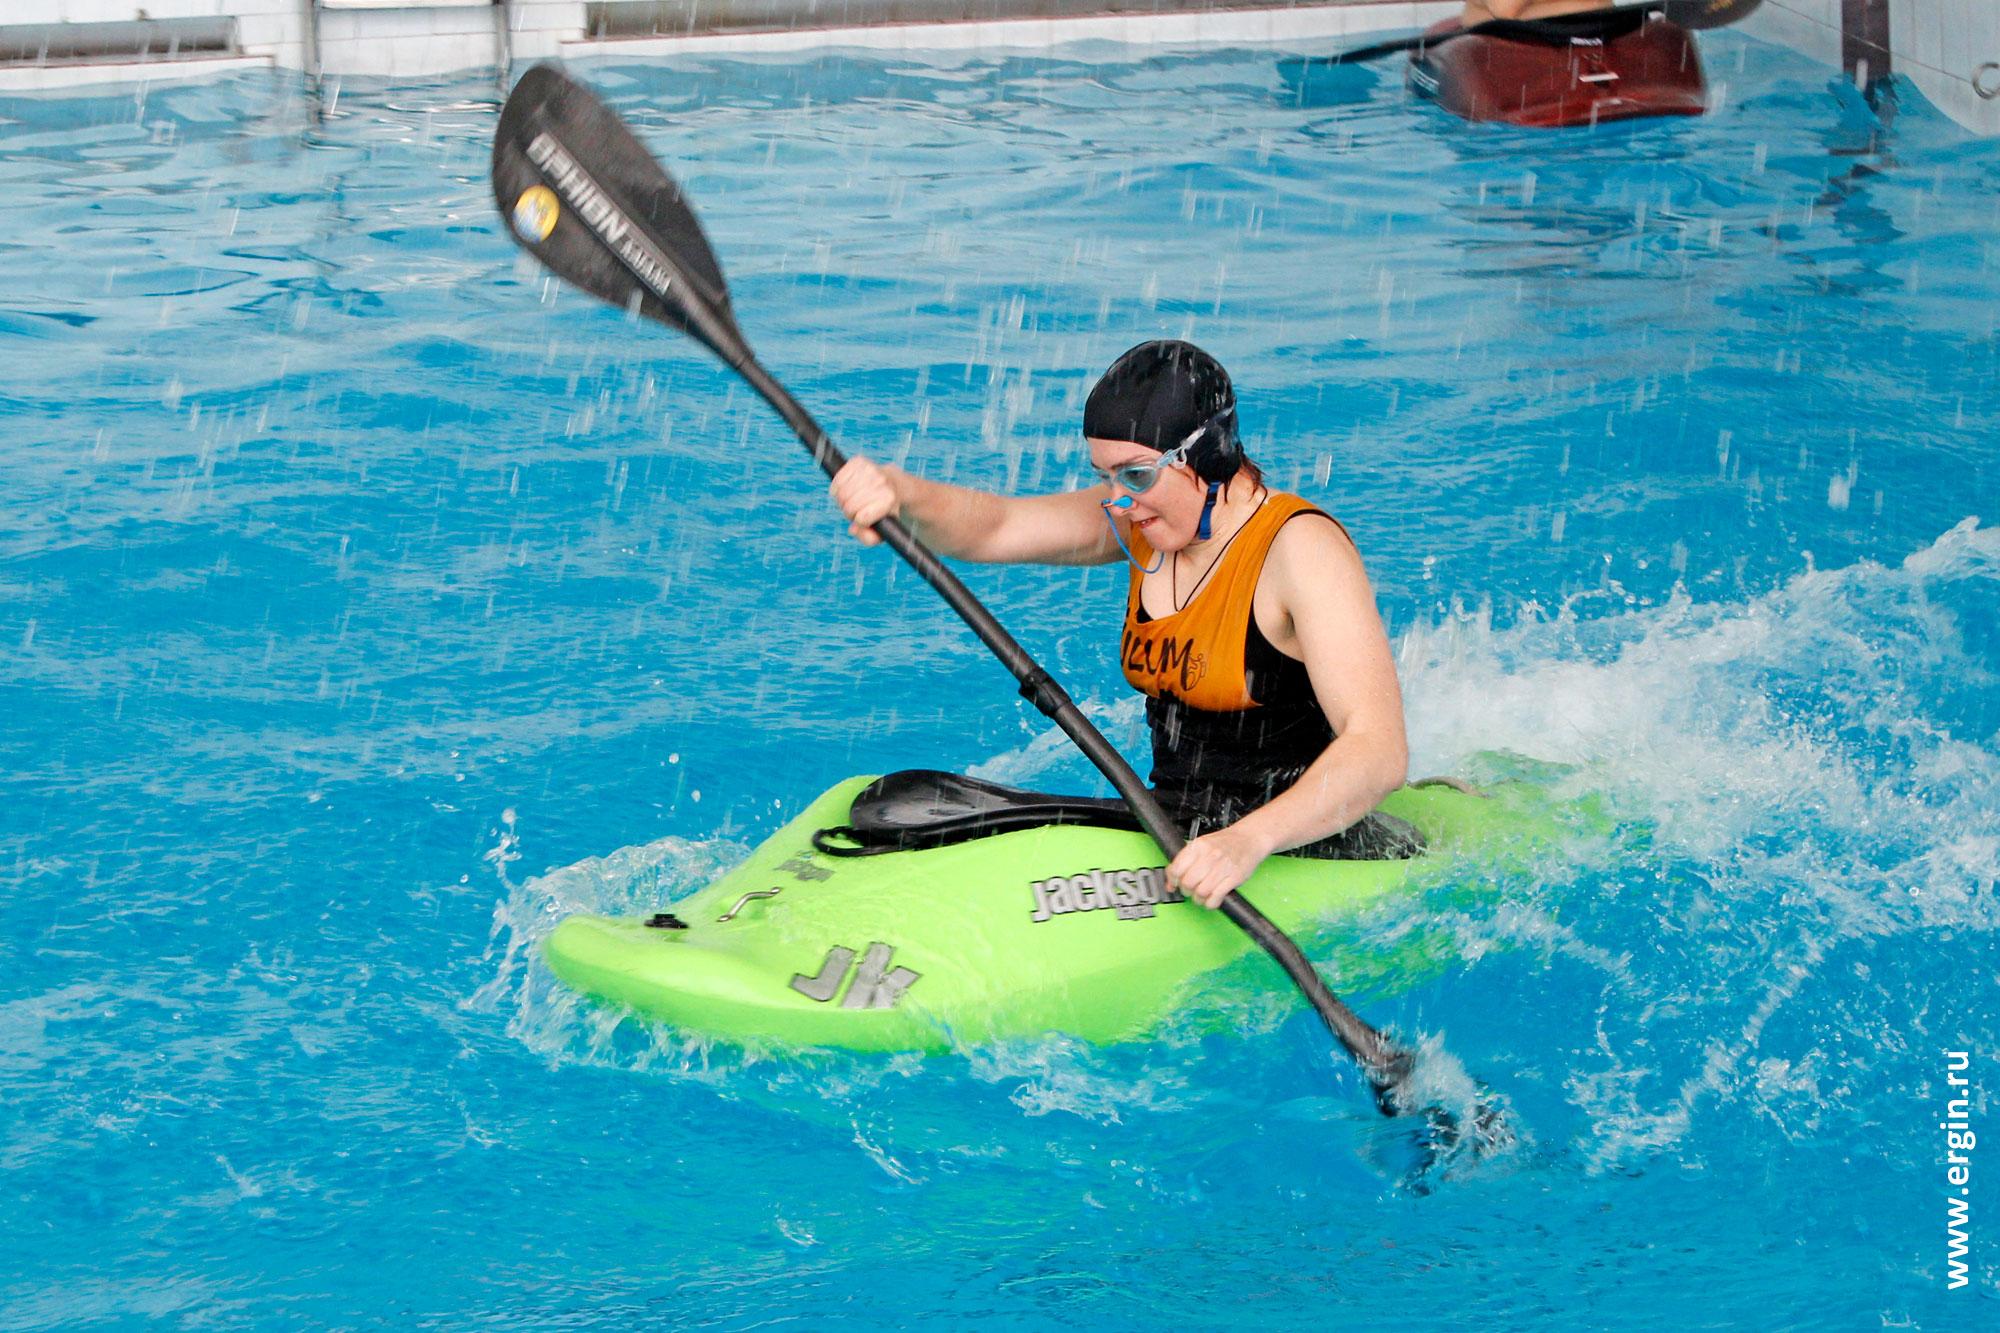 Девушка каякер участник соревнований по каякингу в бассейне из Саратова